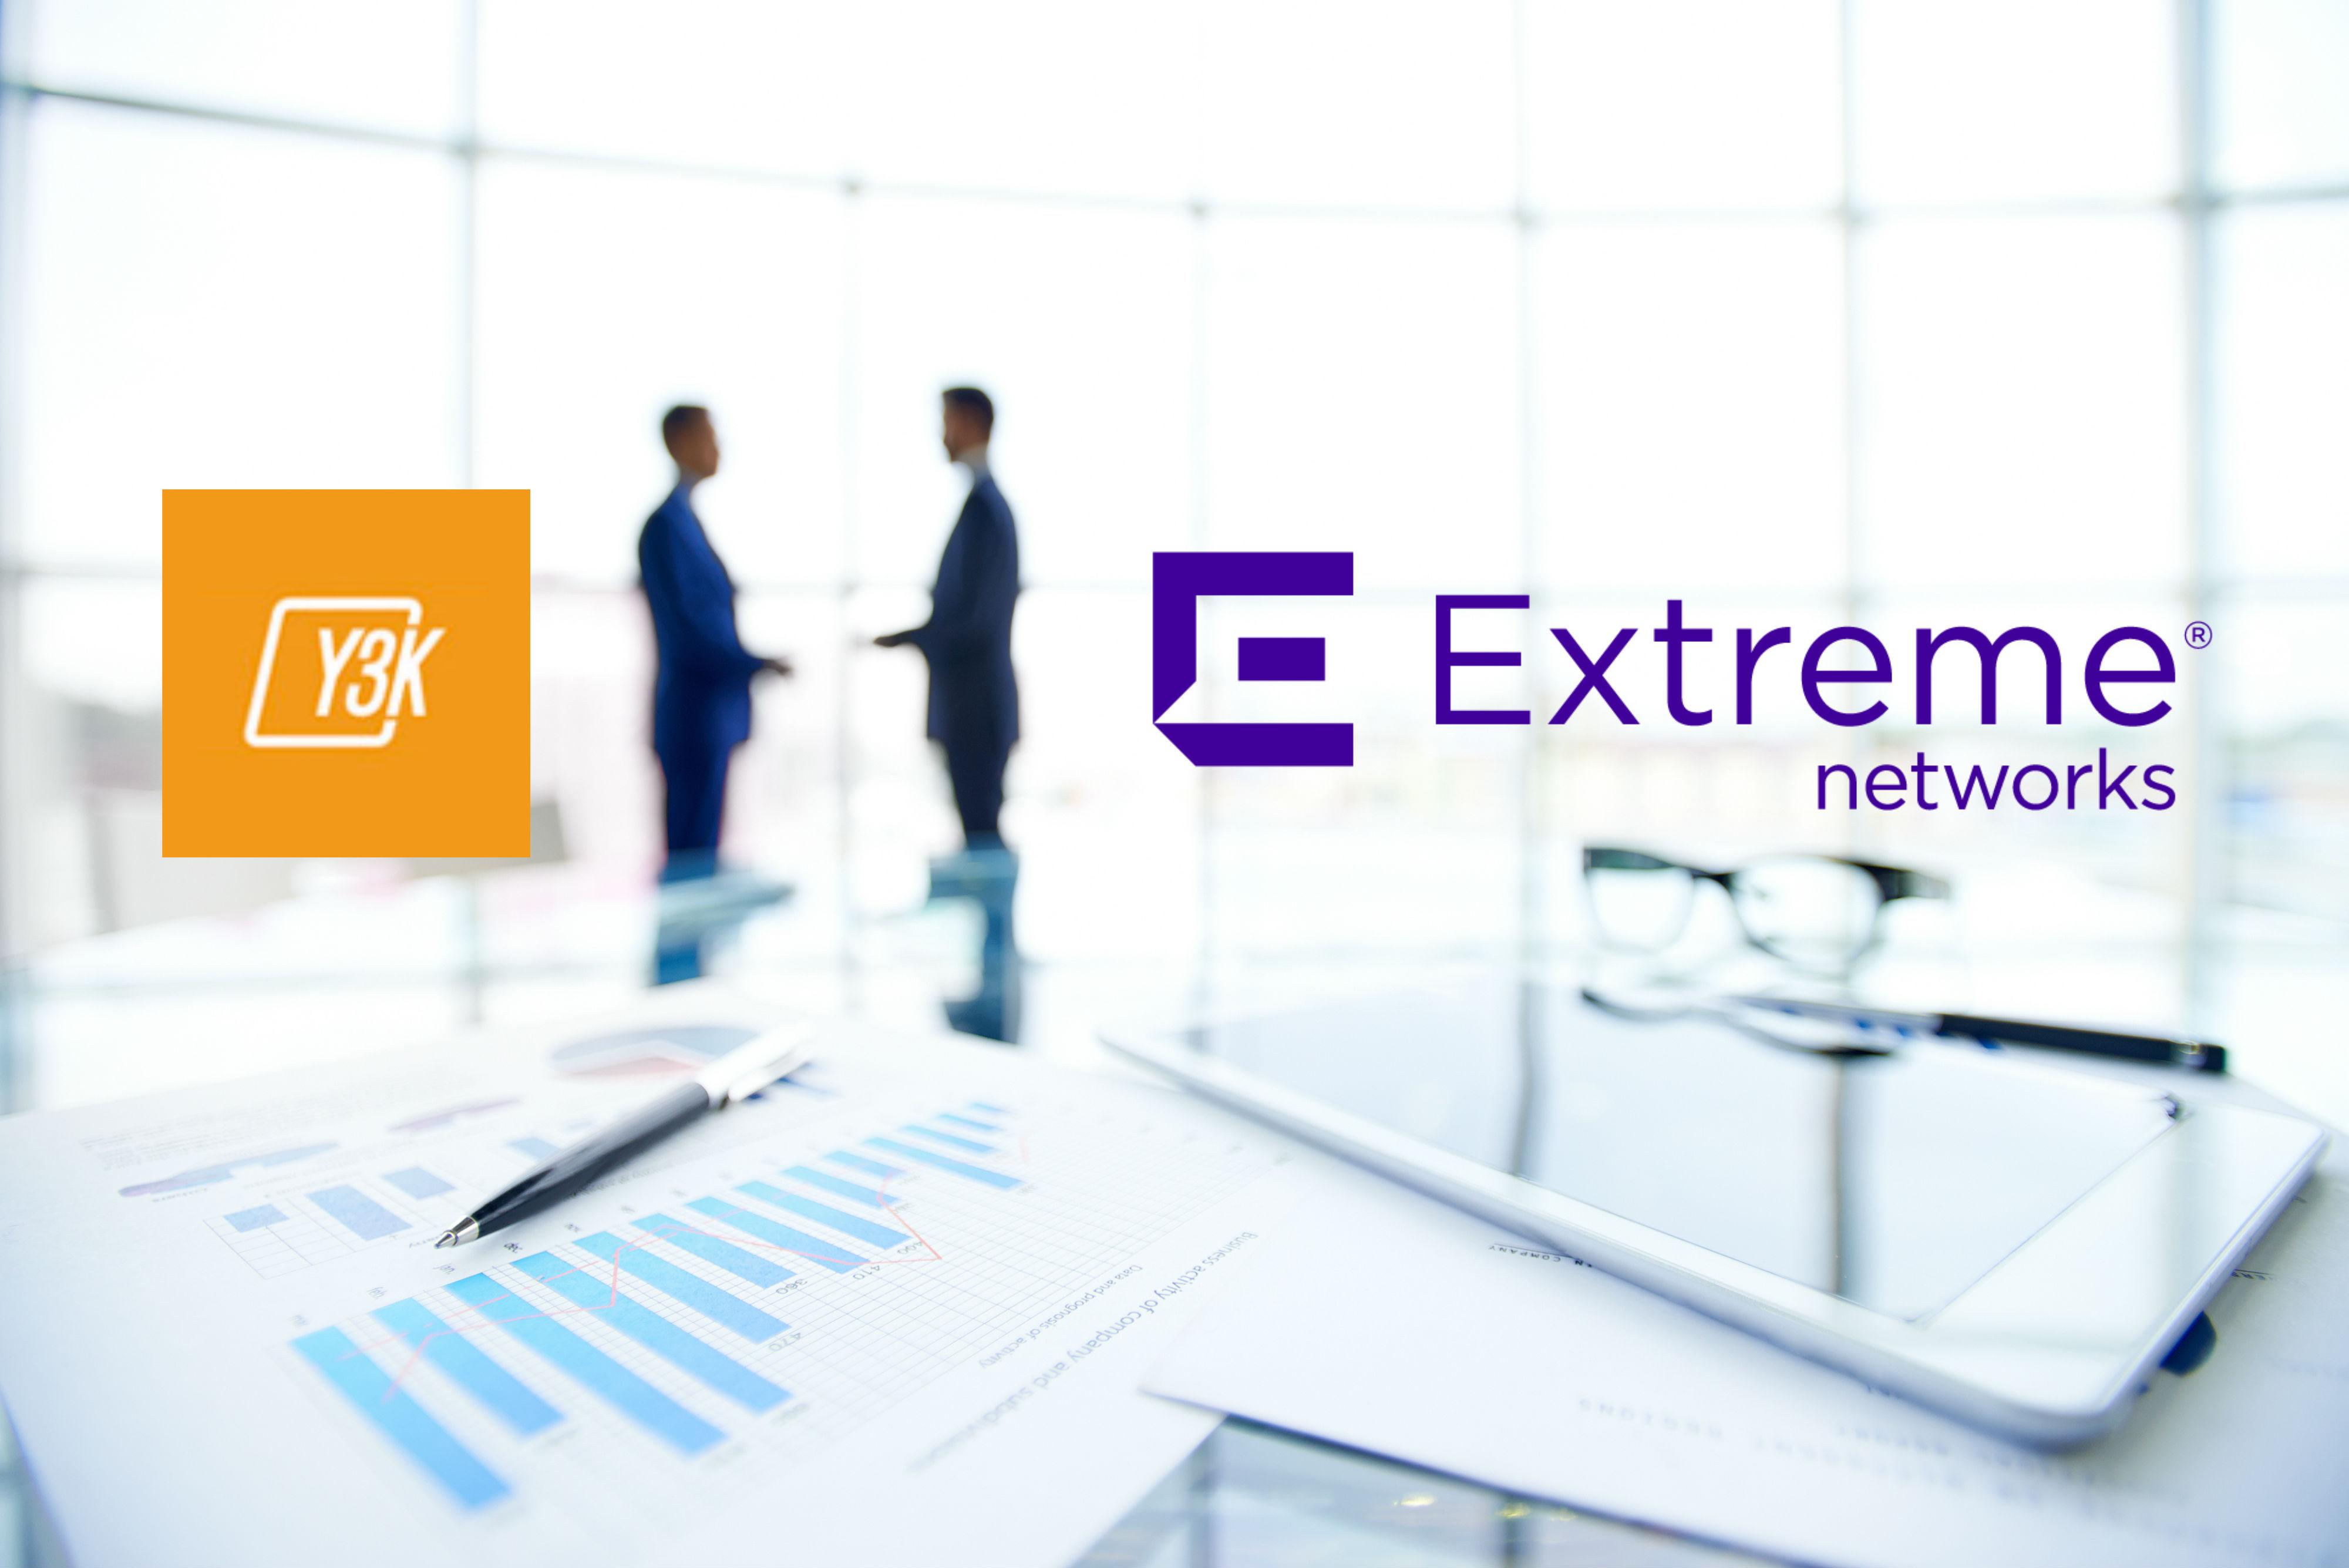 Extreme Networks ve Y3K Türkiye'de Birlikte Yürüyecek